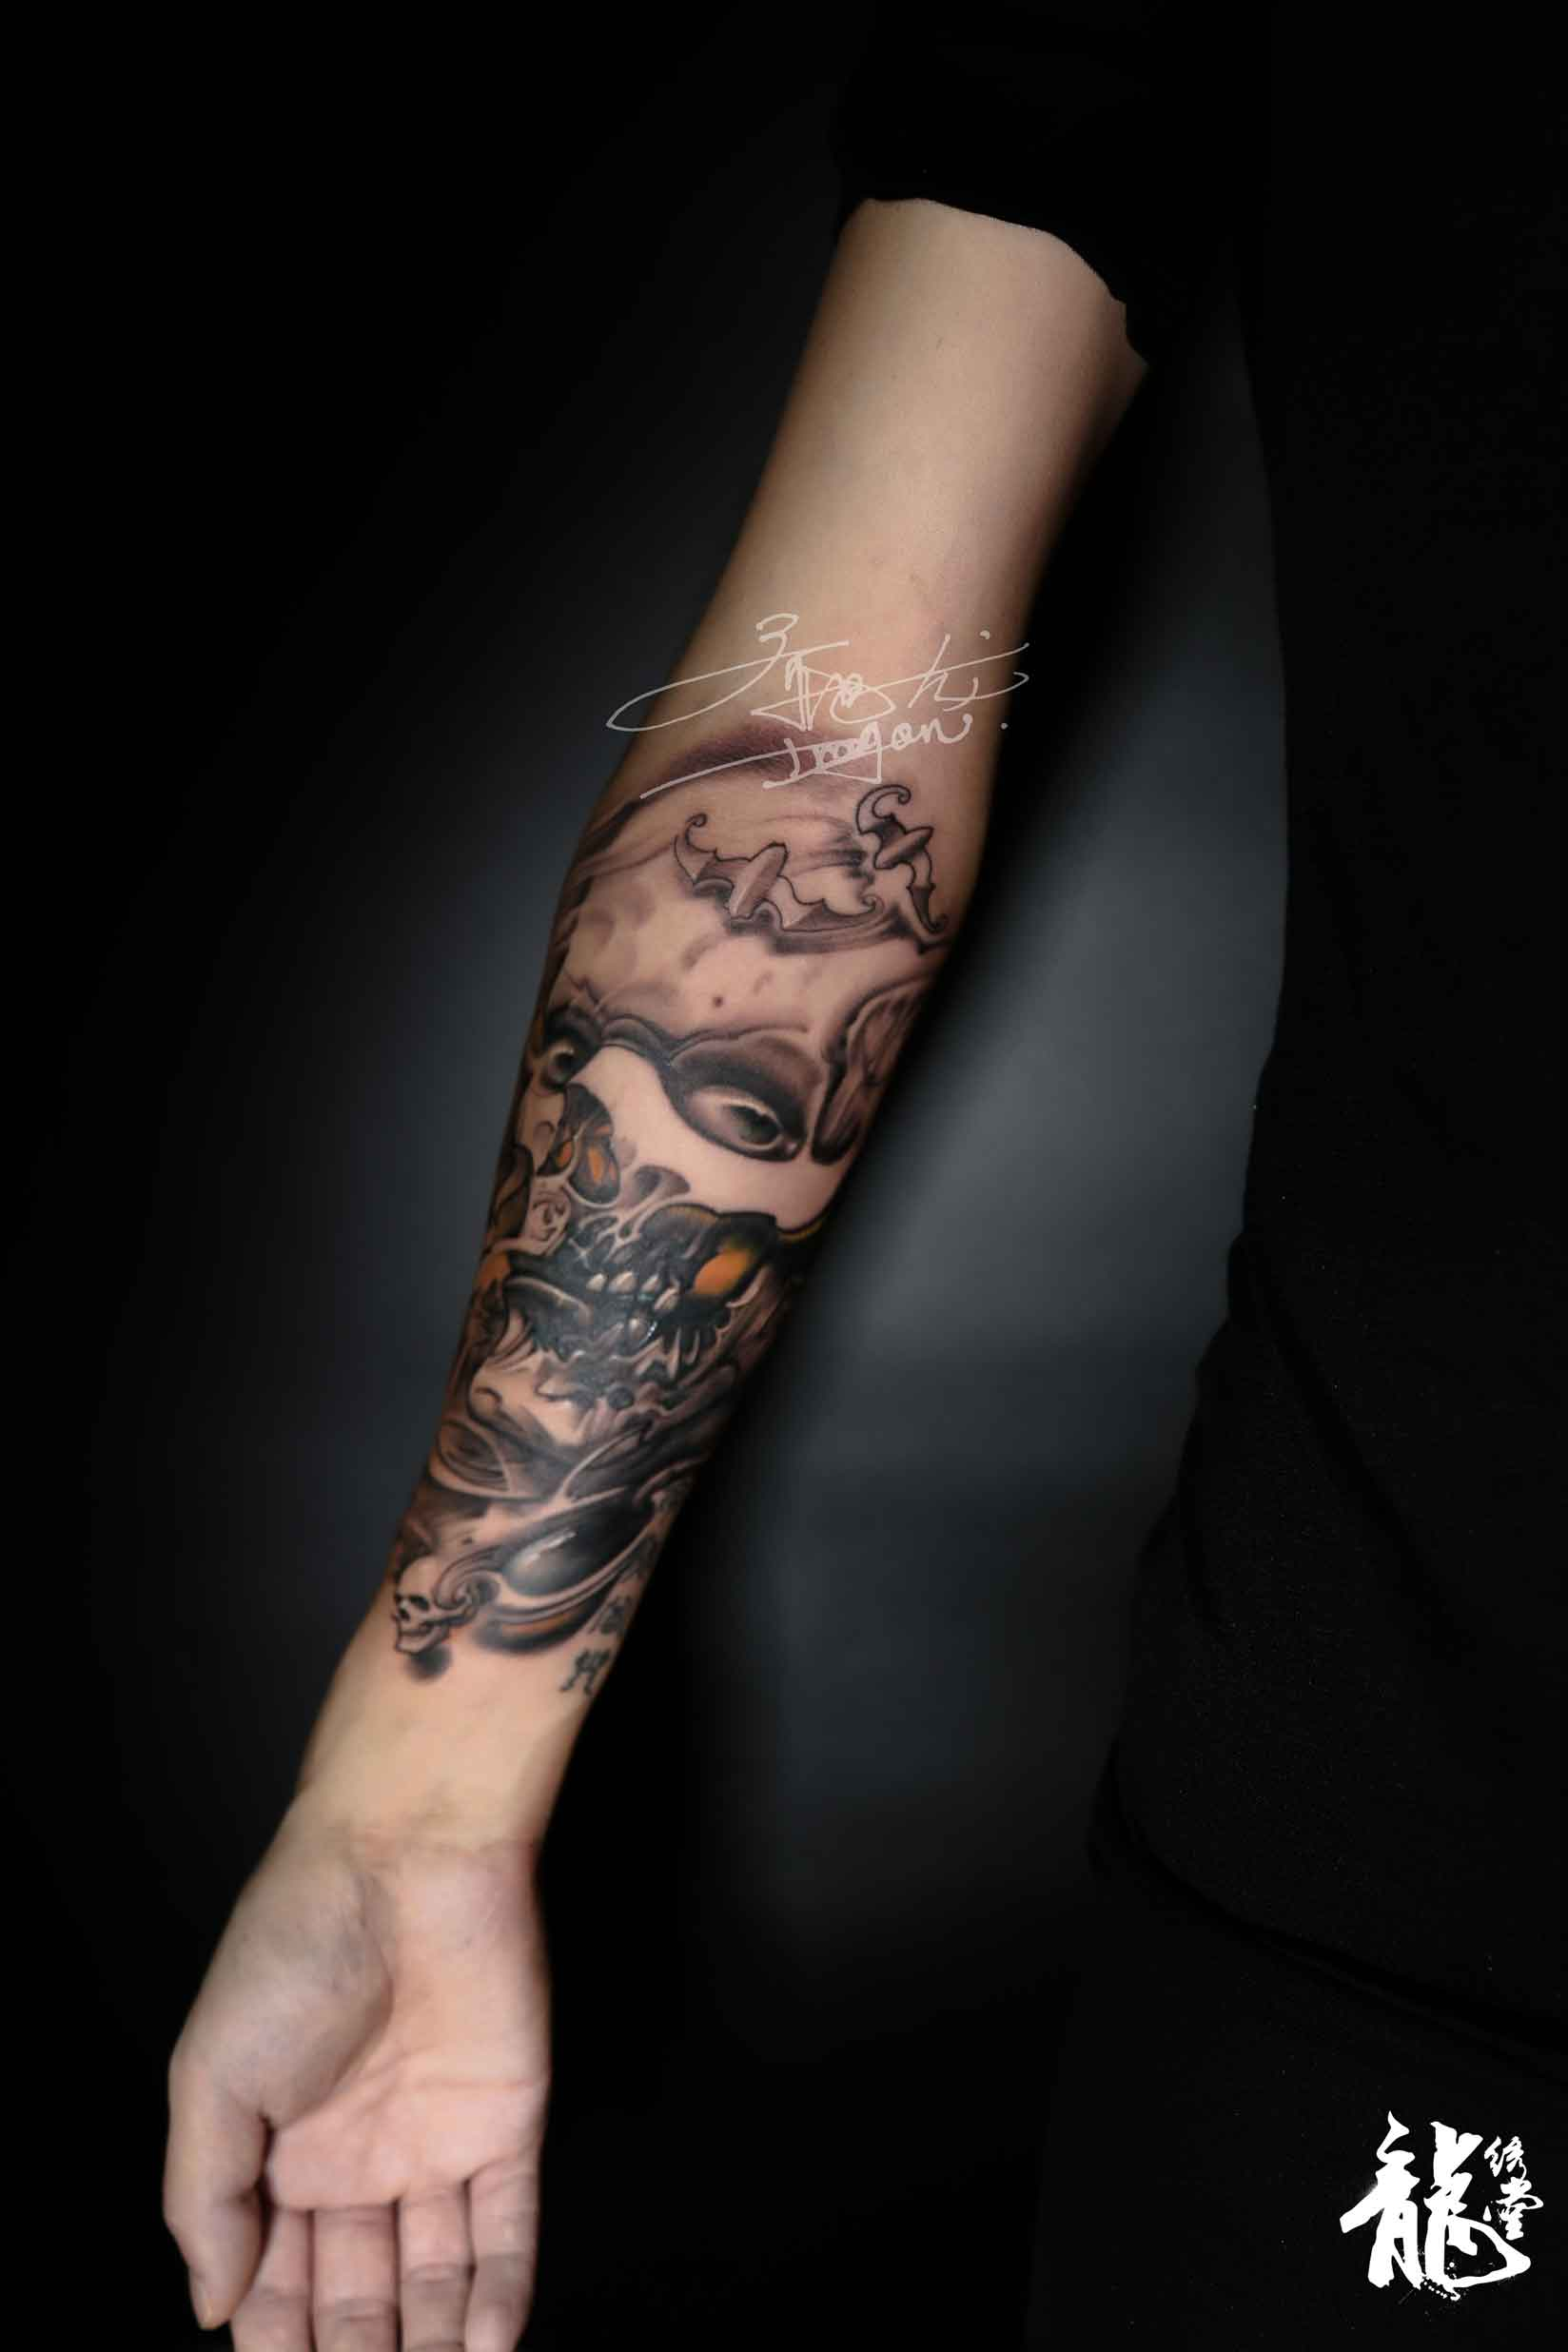 男人小臂人物骷髅黑灰素描肖像纹身